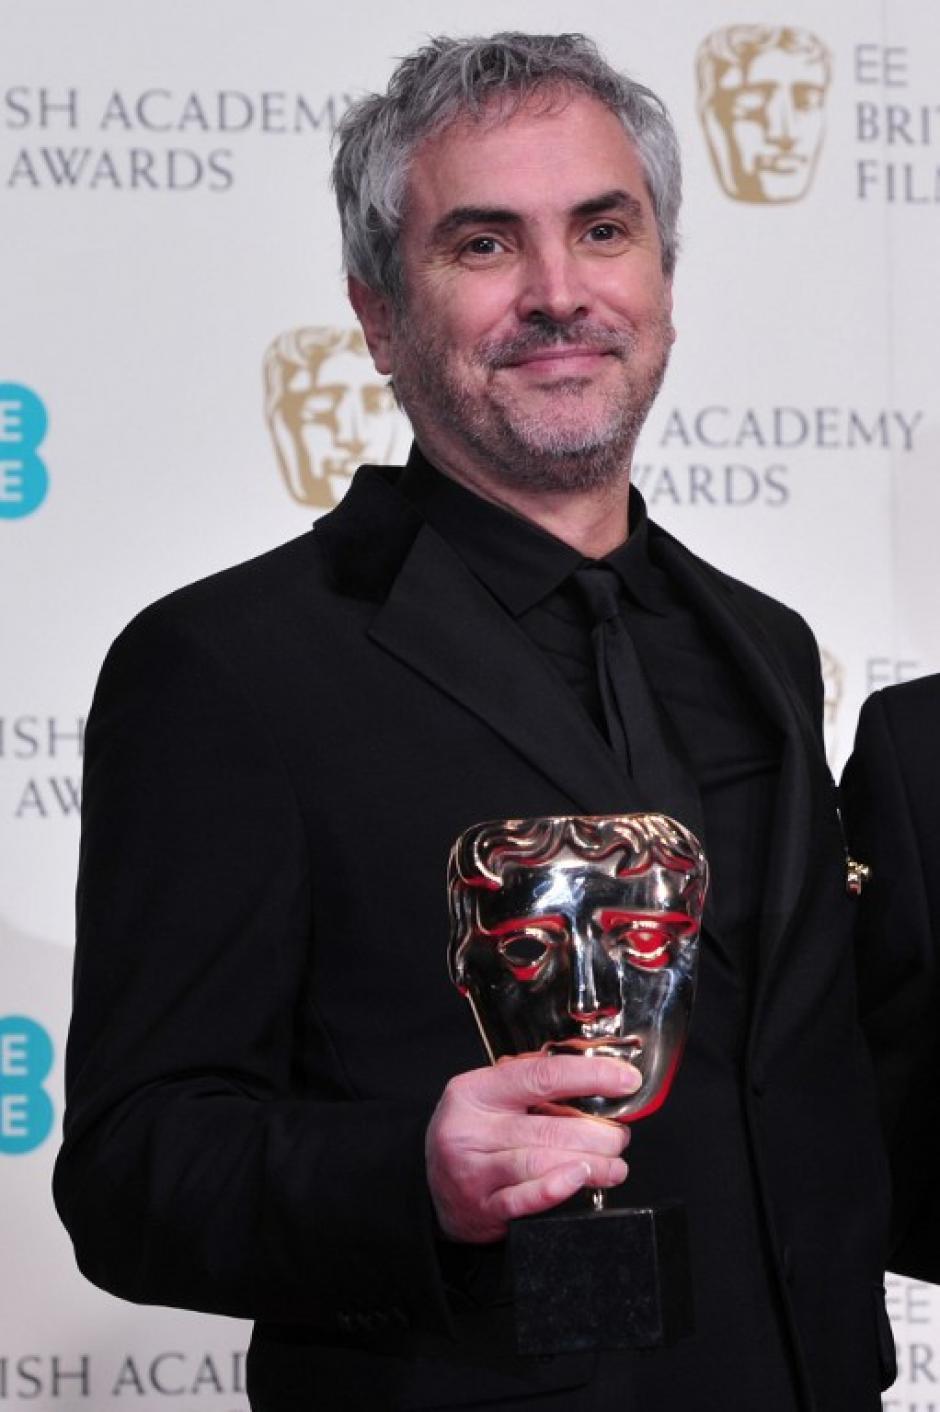 La Academia Británica de Cine premió al mexicano Alfonso Cuarón como el mejor director de película. Foto AFP